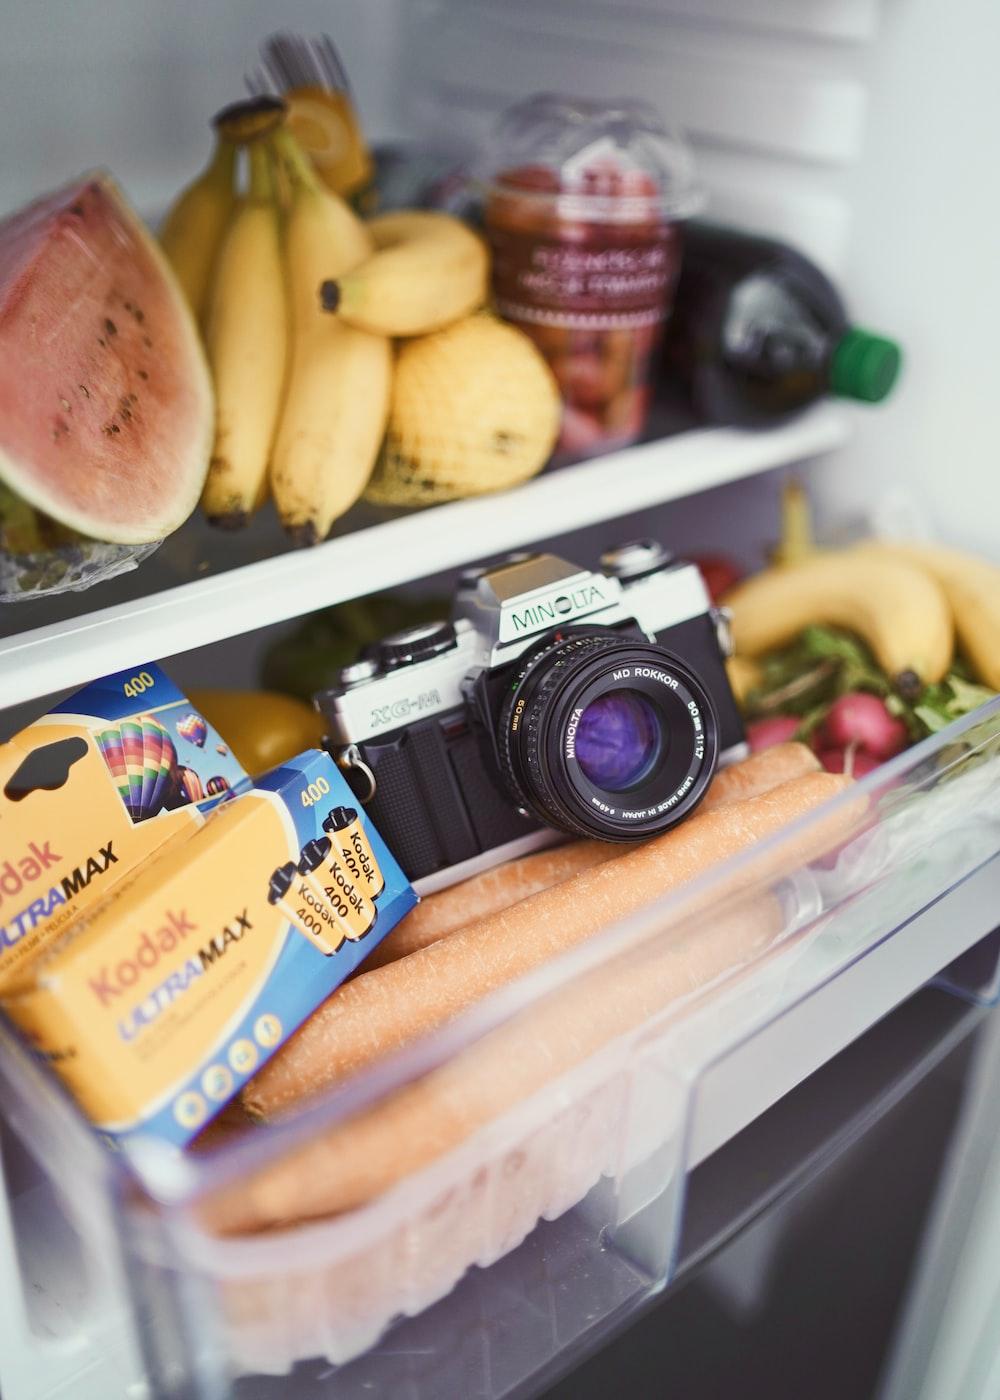 SLR camera inside refrigerator